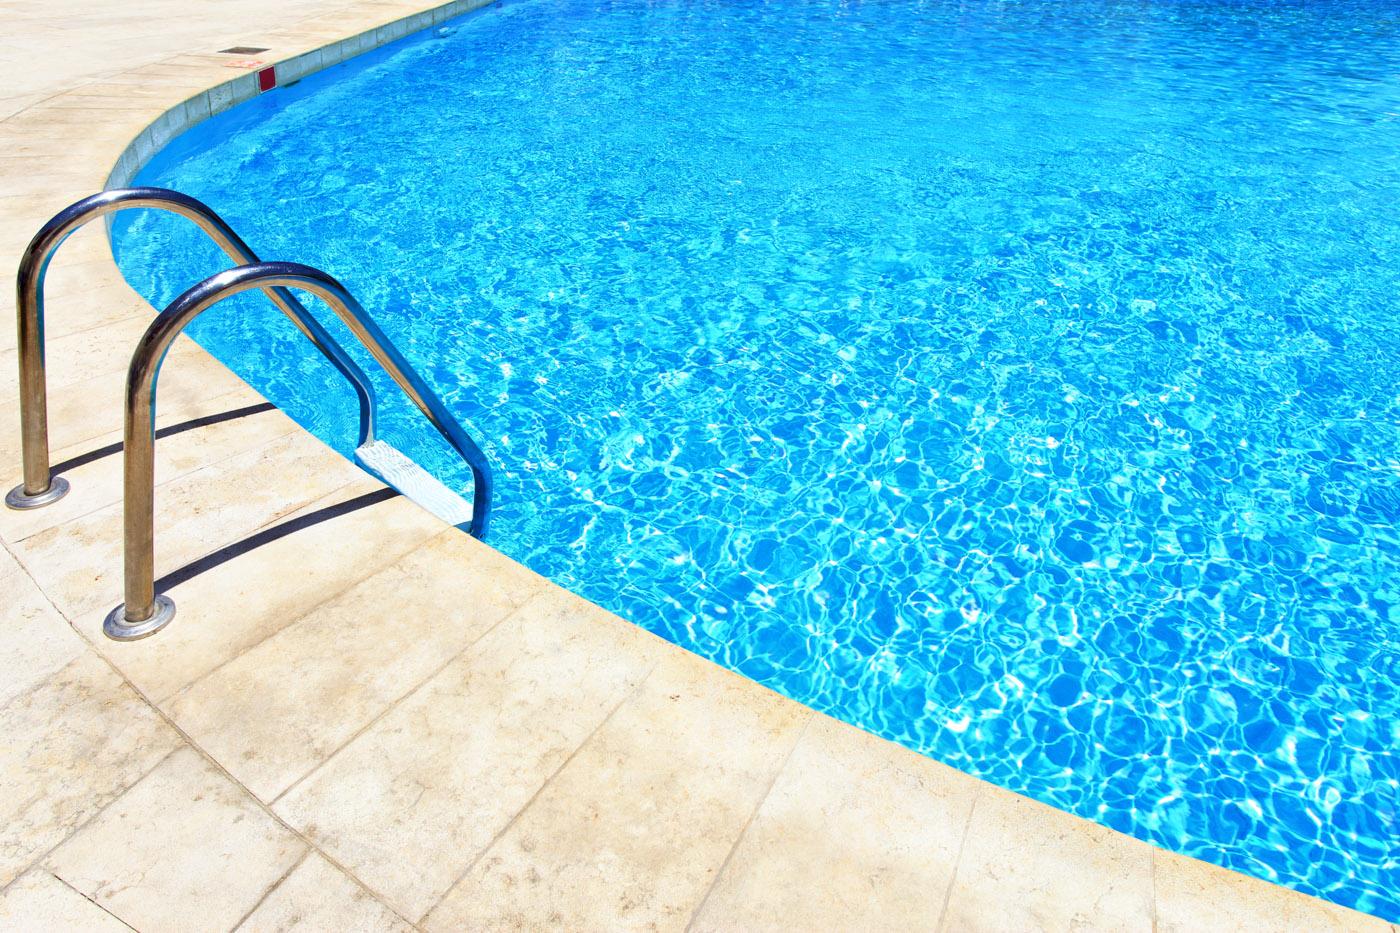 swimming pool injury lawyer